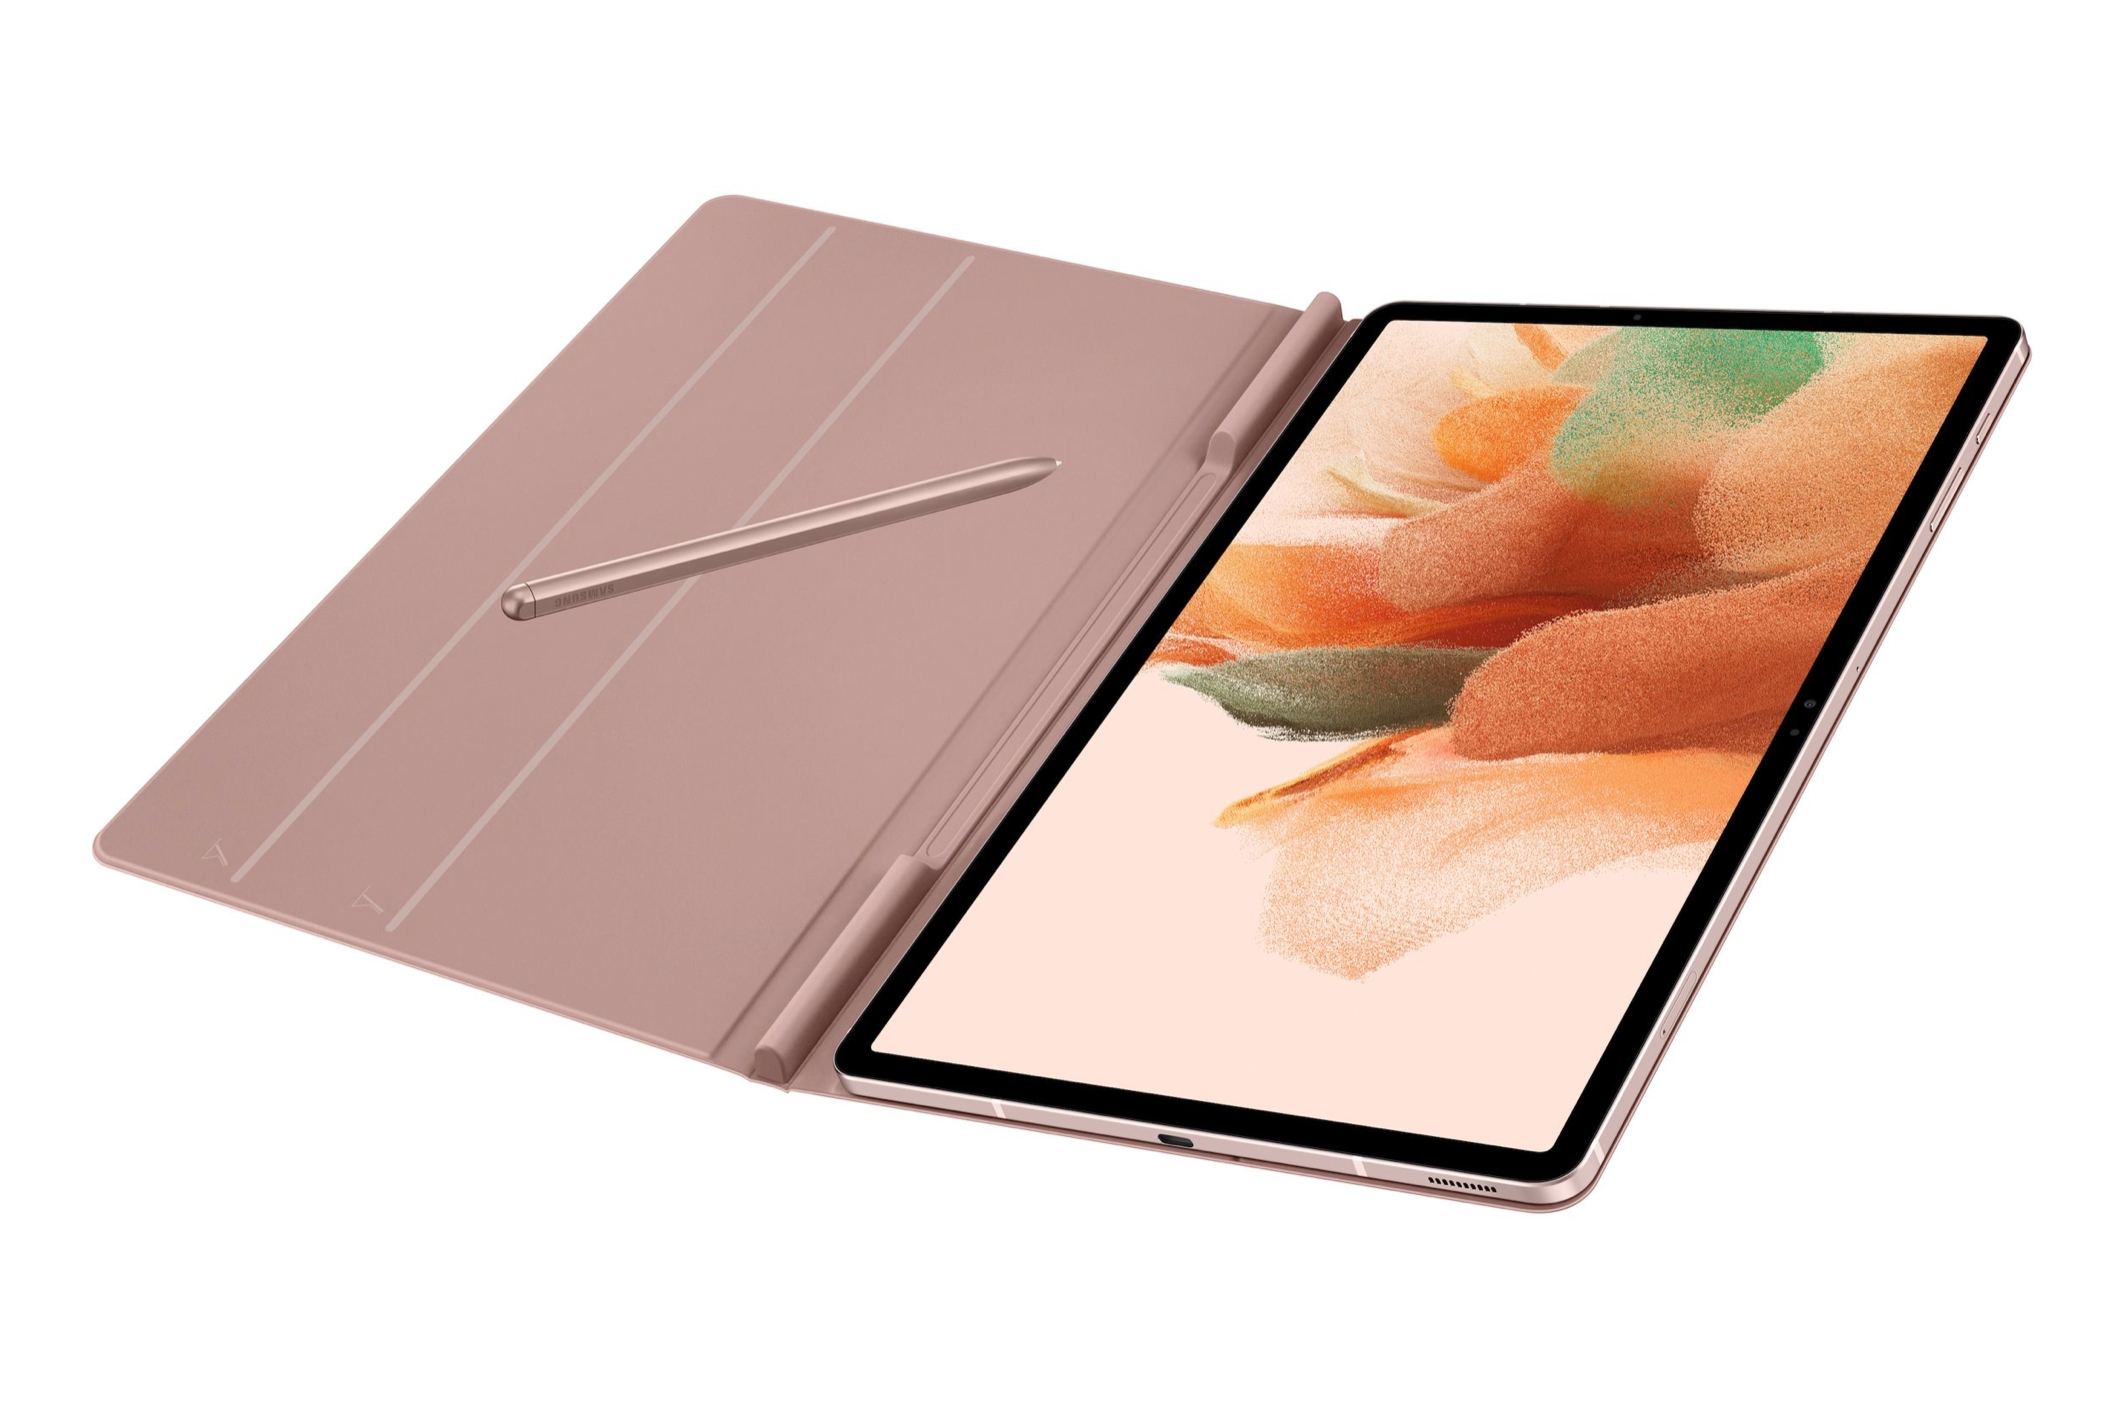 Инсайдеры: Samsung Galaxy Tab S7 Lite выйдет на рынок с названием Galaxy Tab S7 Lite